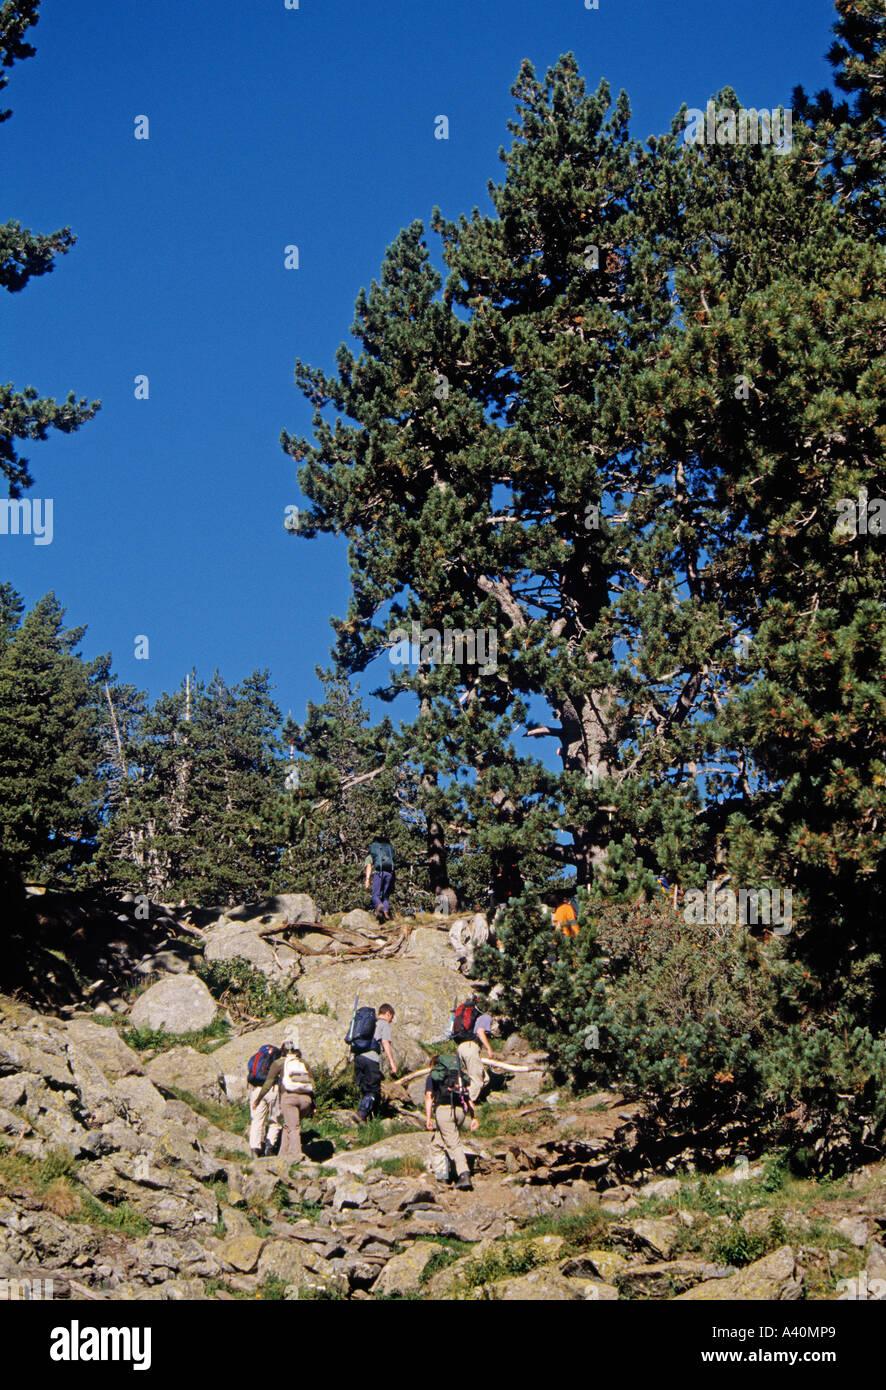 montañismo en benasque pirineo mountaineering in benasque aragon spain - Stock Image